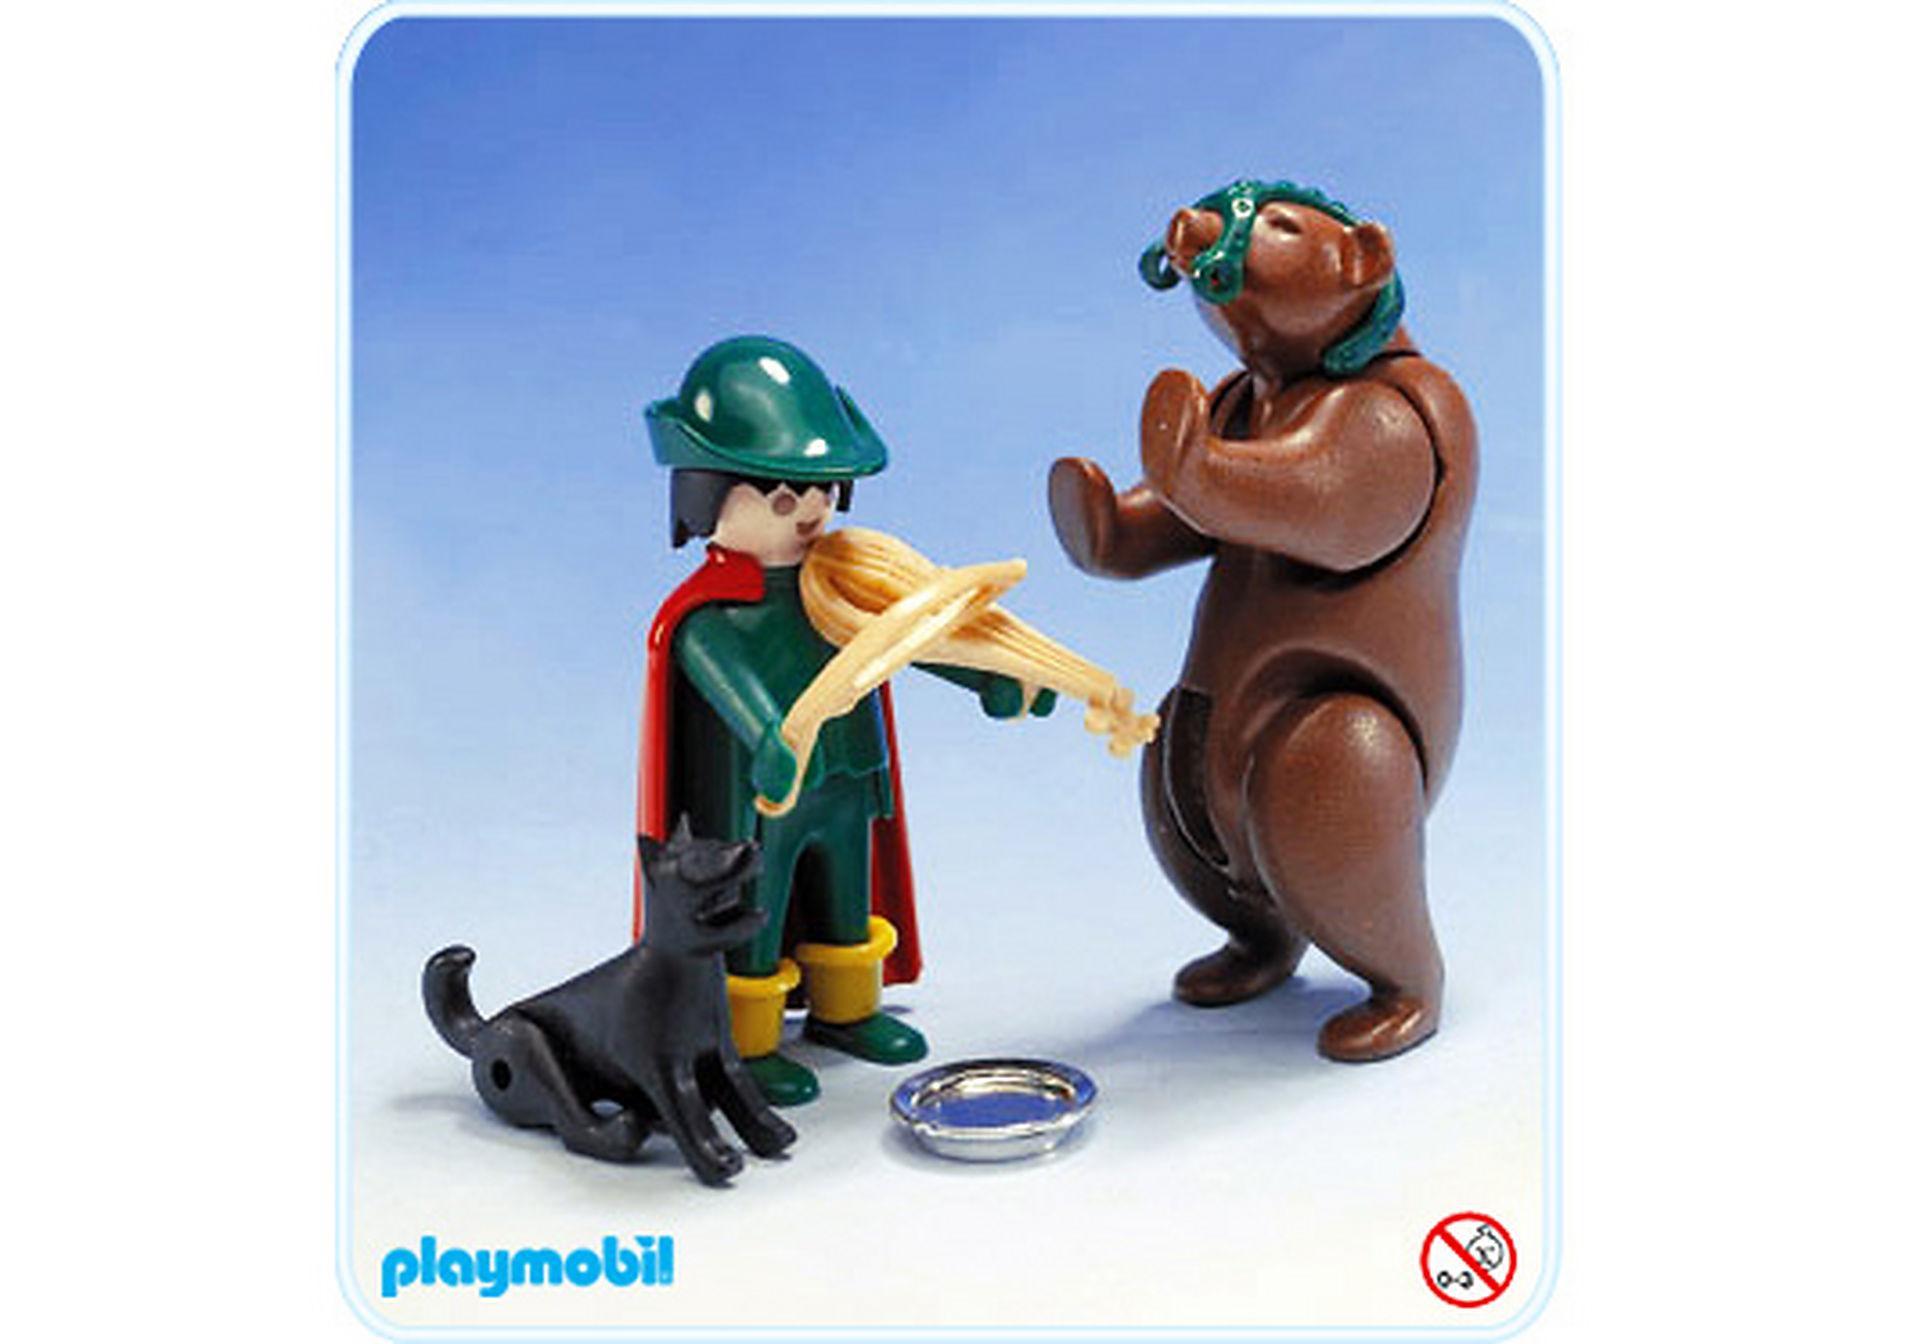 http://media.playmobil.com/i/playmobil/3567-A_product_detail/Tanzbär mit Bärenführer